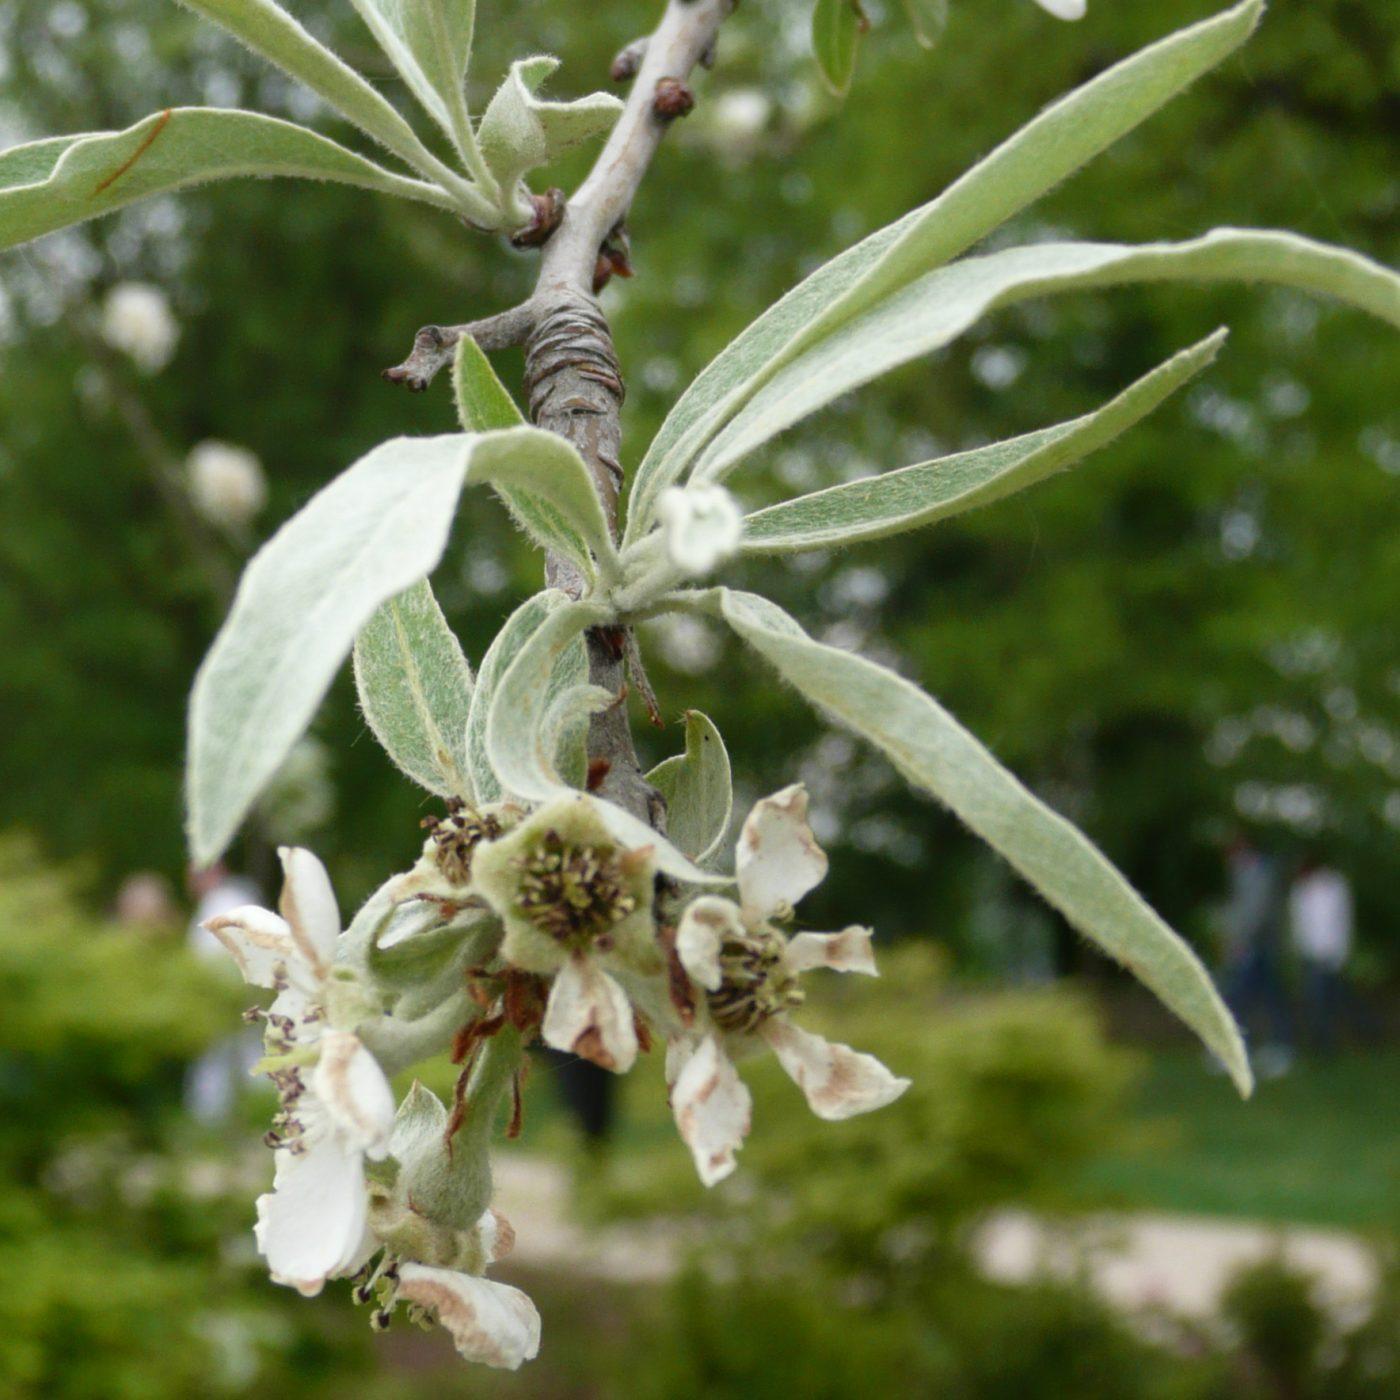 Weiße Blüten und silbriges feines Laub der Weidenblättrigen Birne, Pyrus salicifolia.